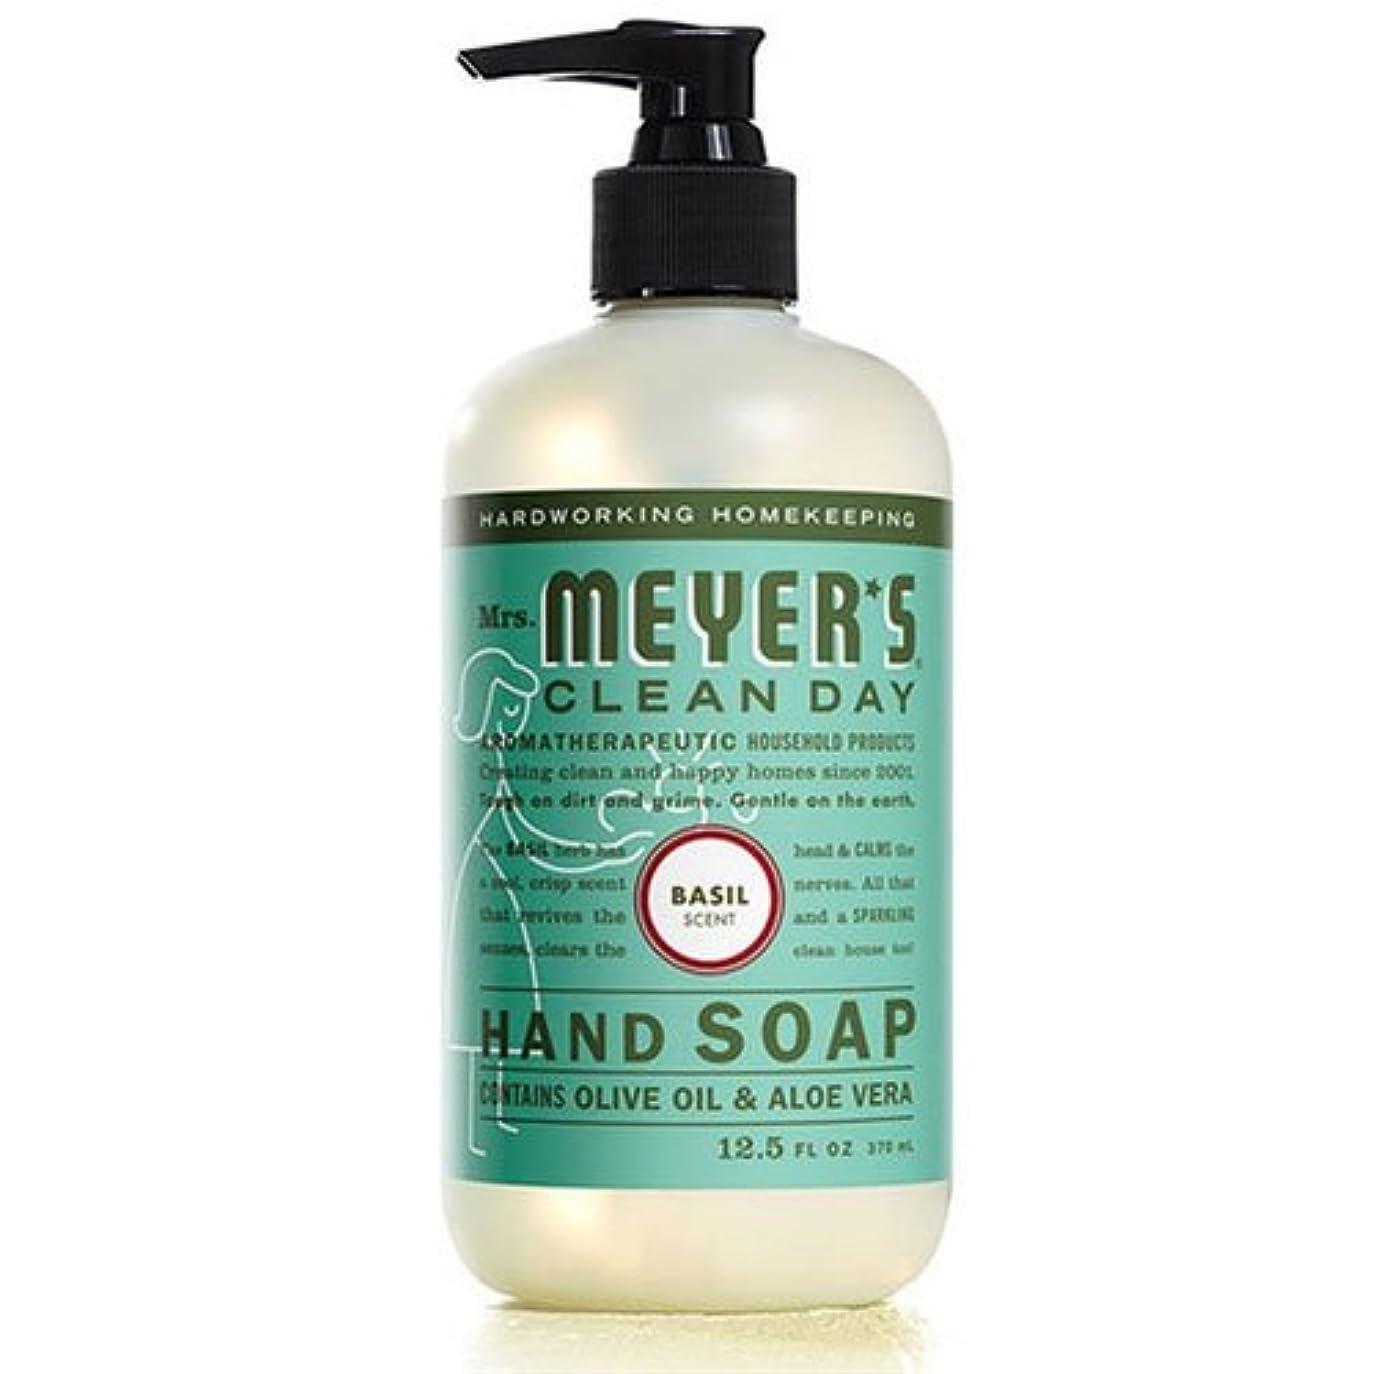 であること超越する徹底的にMrs. Meyers's Hand Soap, Liq, Basil, 12.5 FZ by Mrs. Meyers